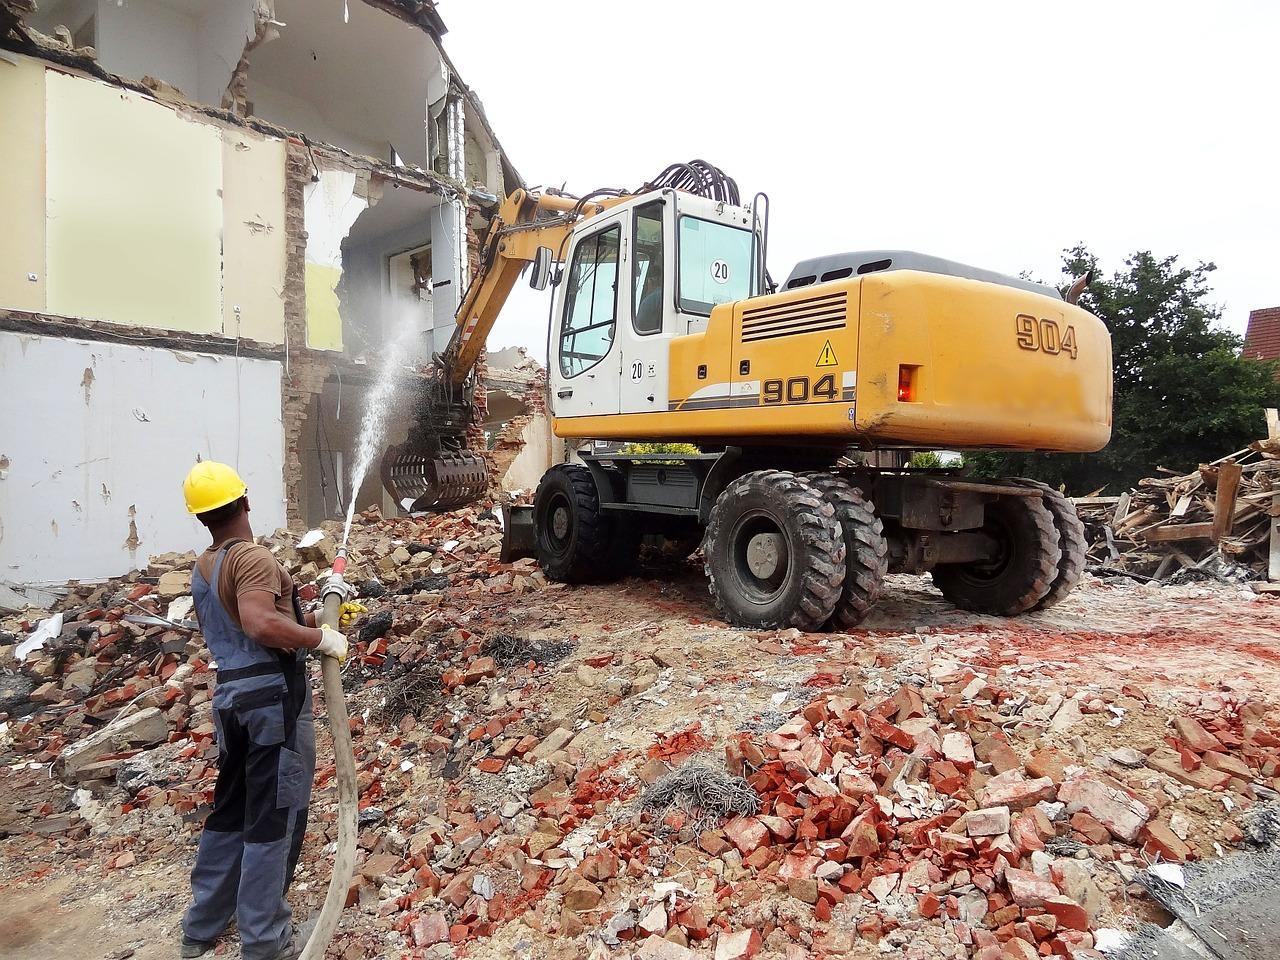 nedrivningsfirma river huset ned